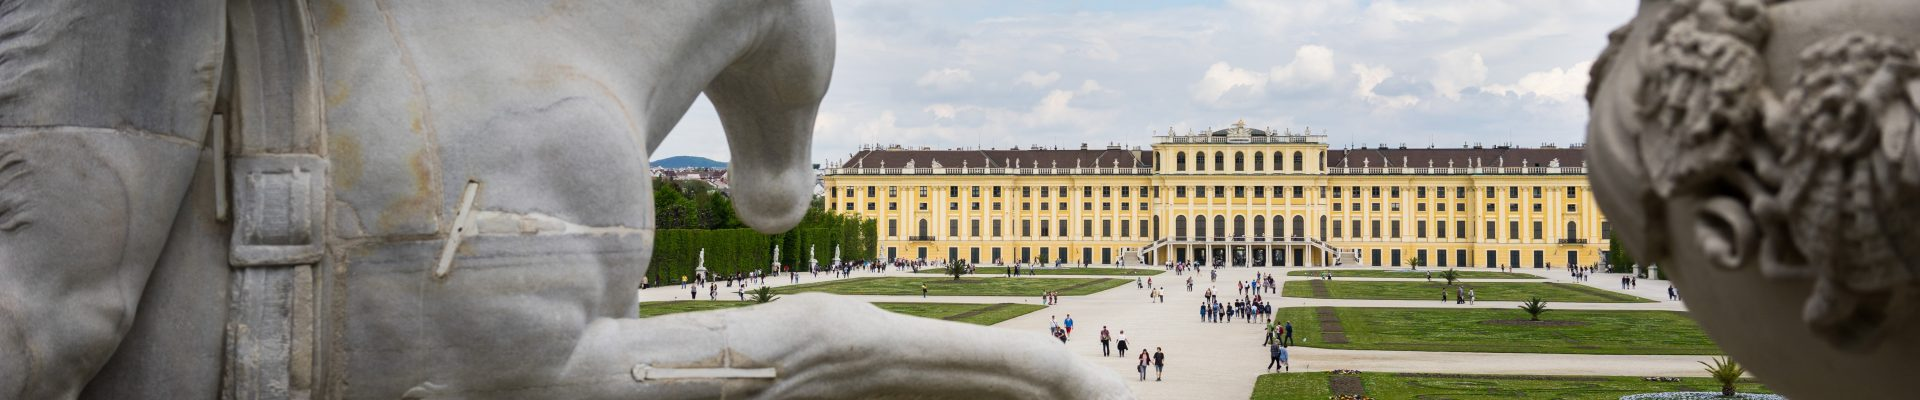 ÖJAB-Haus Salzburg in Wien